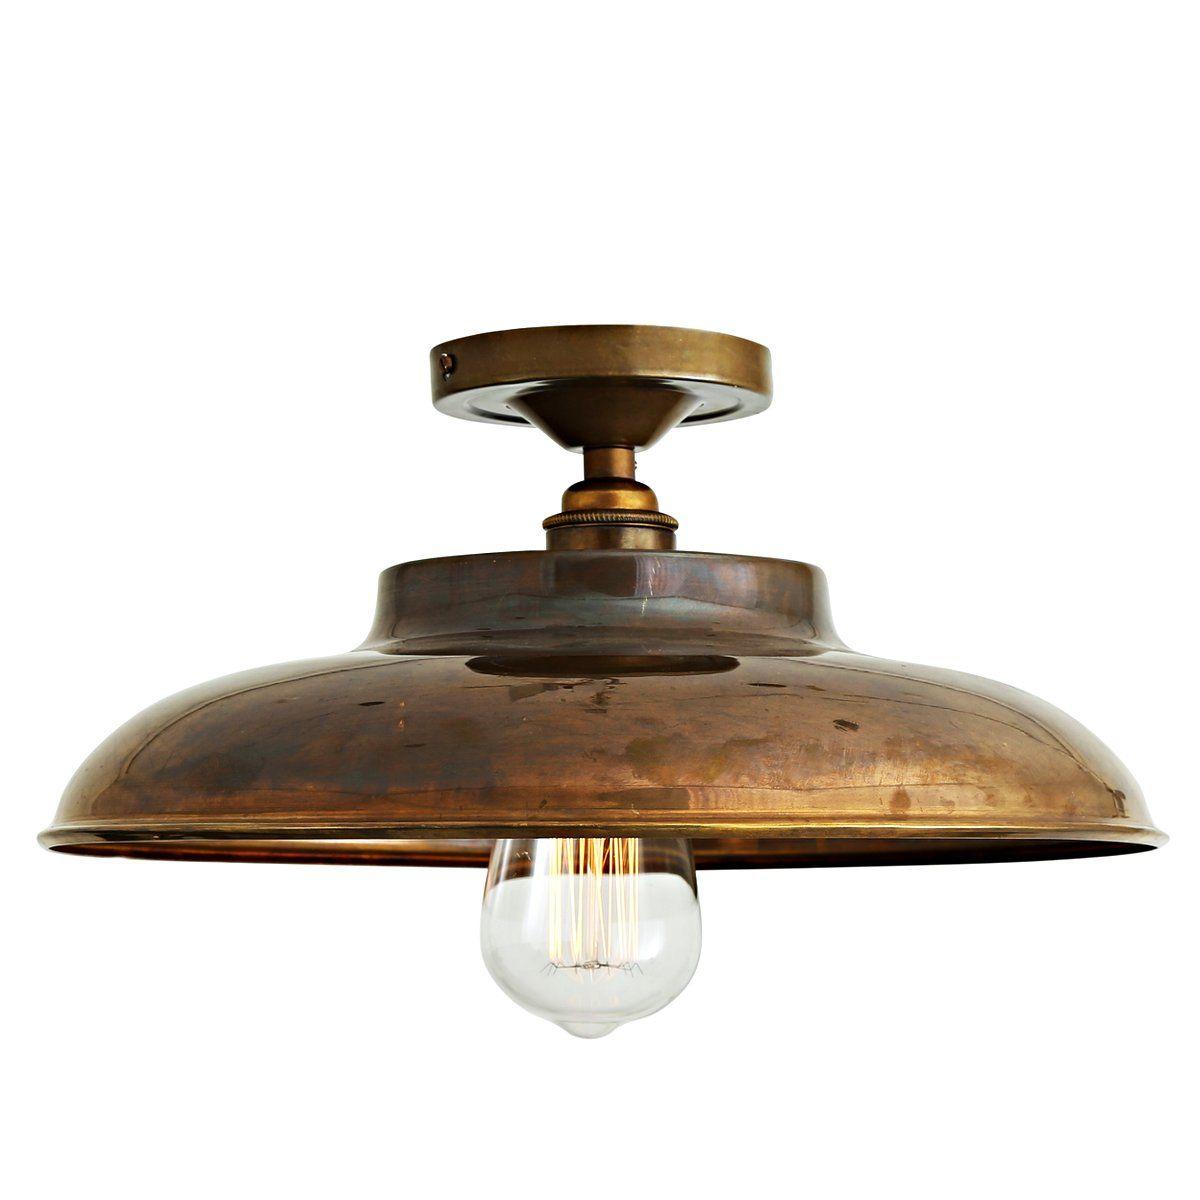 Flache Industrie Deckenleuchte Ø 32 Cm Von Aire Lighting: Die Flache  Industrie Deckenlampe